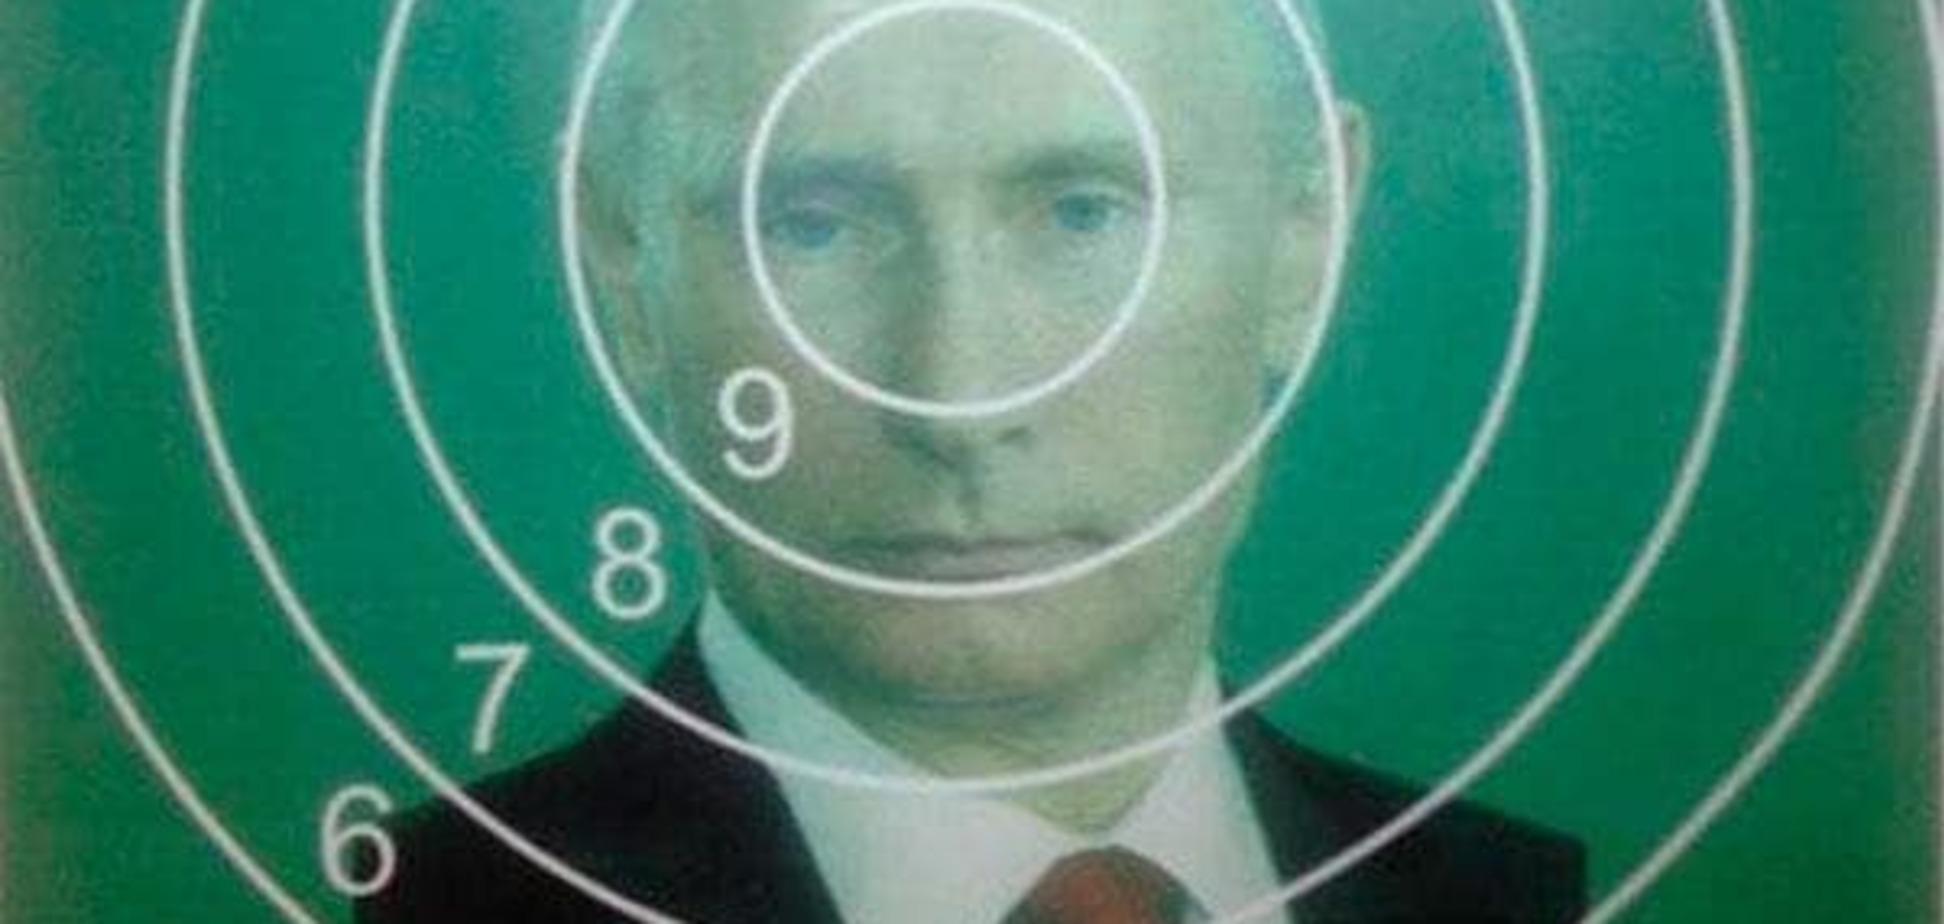 Пули все ближе: в Москве застрелен чиновник из окружения Путина - СМИ